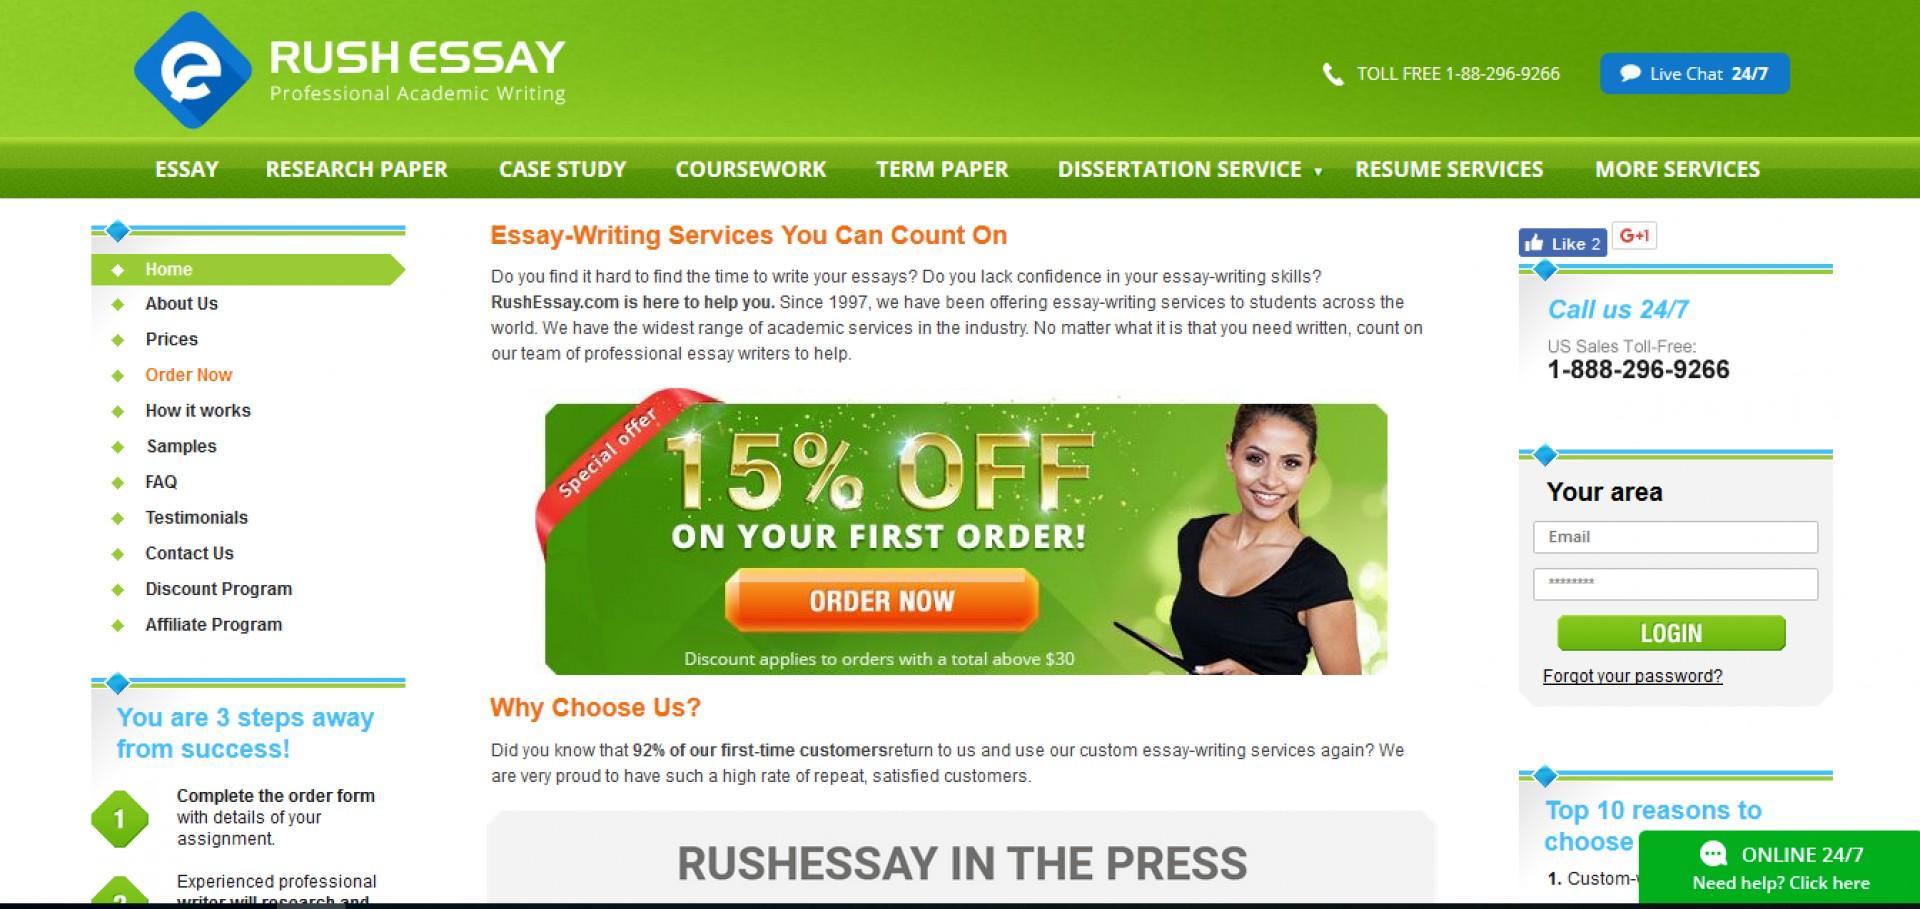 005 Essay Exampleessay Surprising Rush Huffington Post My Reviews Essay.com 1920